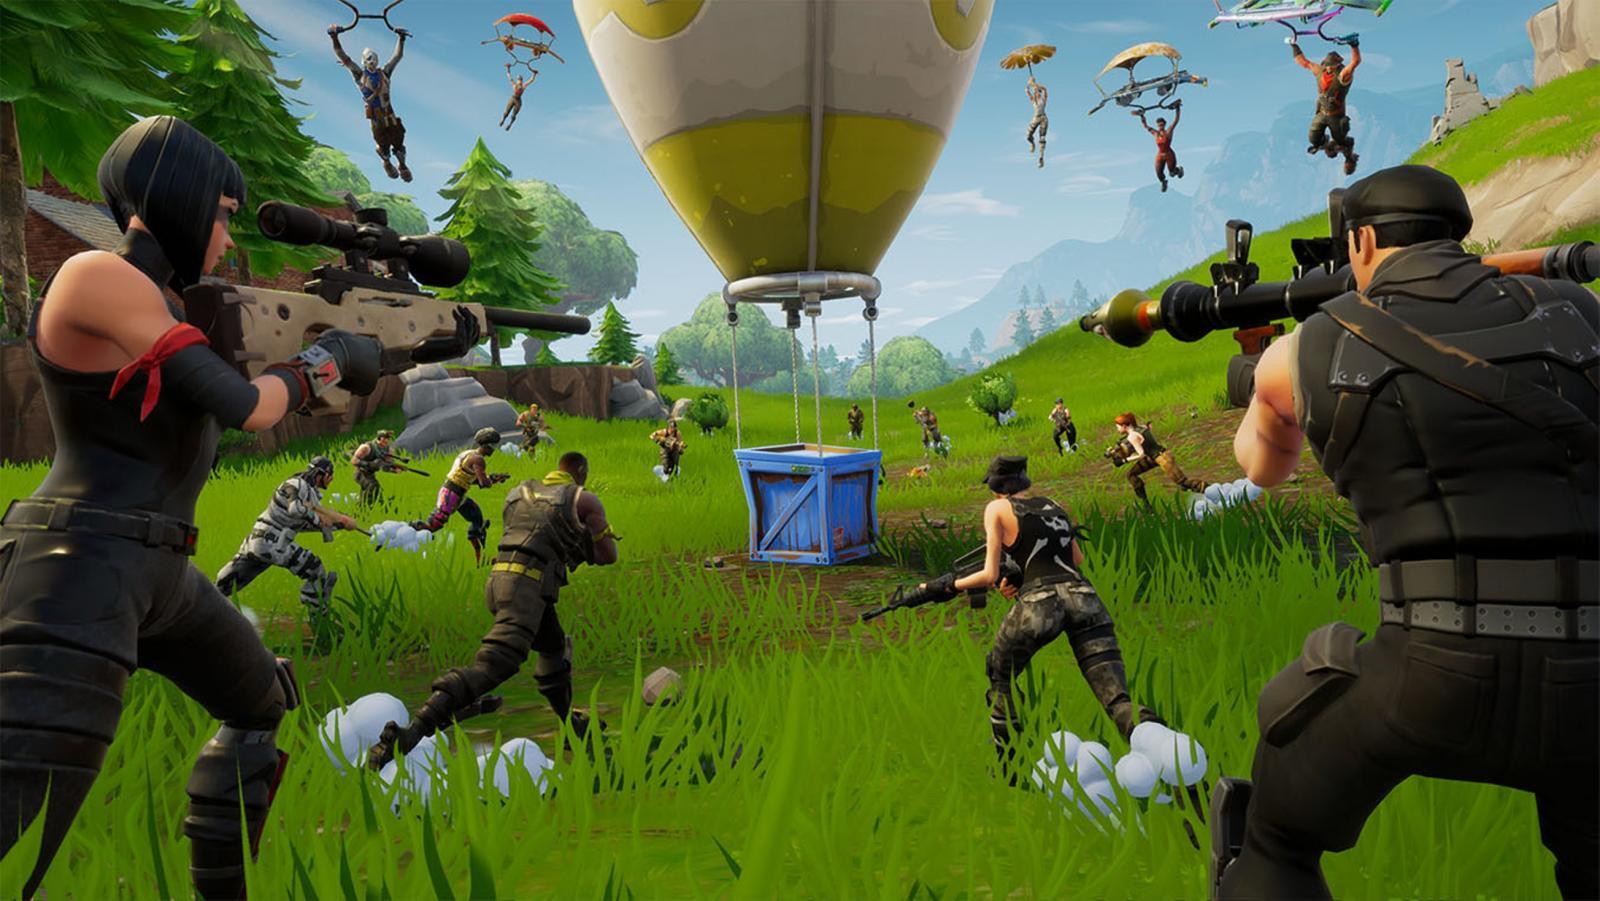 英国少年赢《堡垒之夜》大奖 玩游戏曾被母亲扔Xbox主机